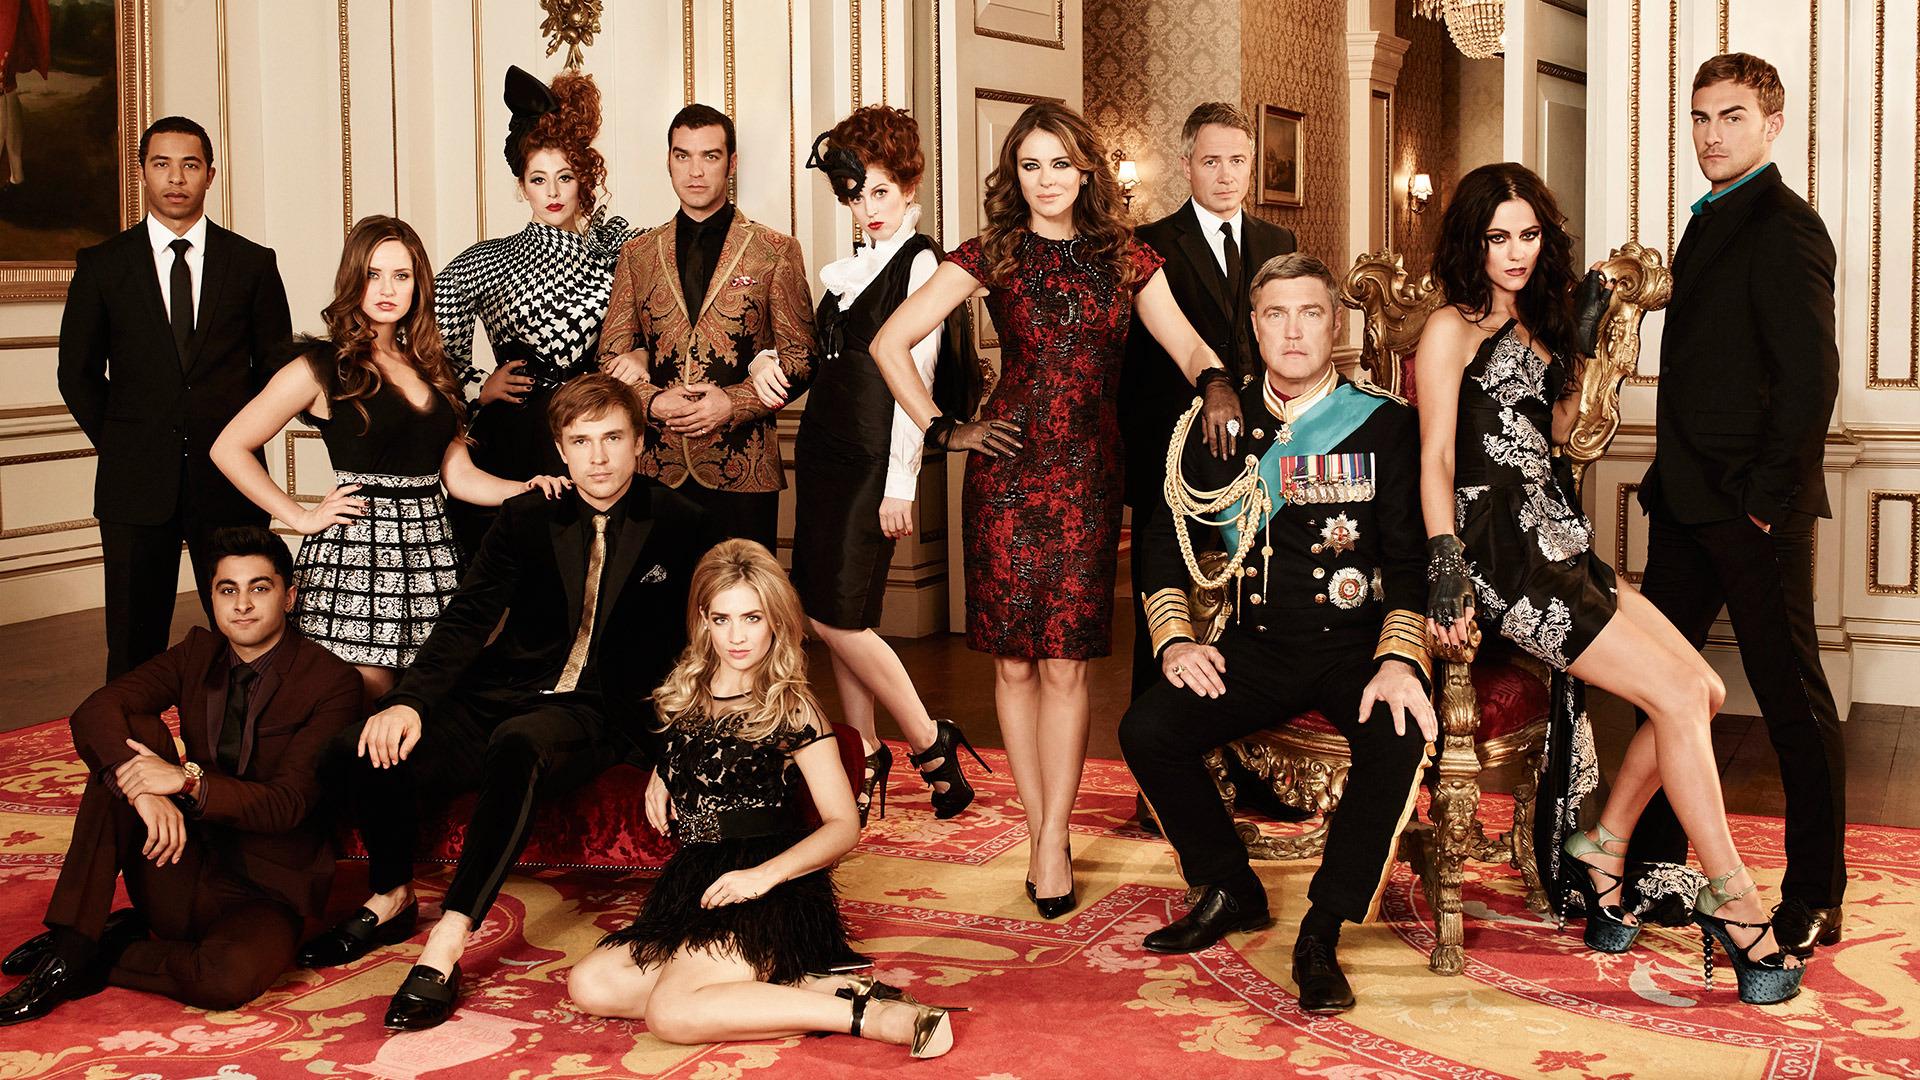 Сериал Члены королевской семьи